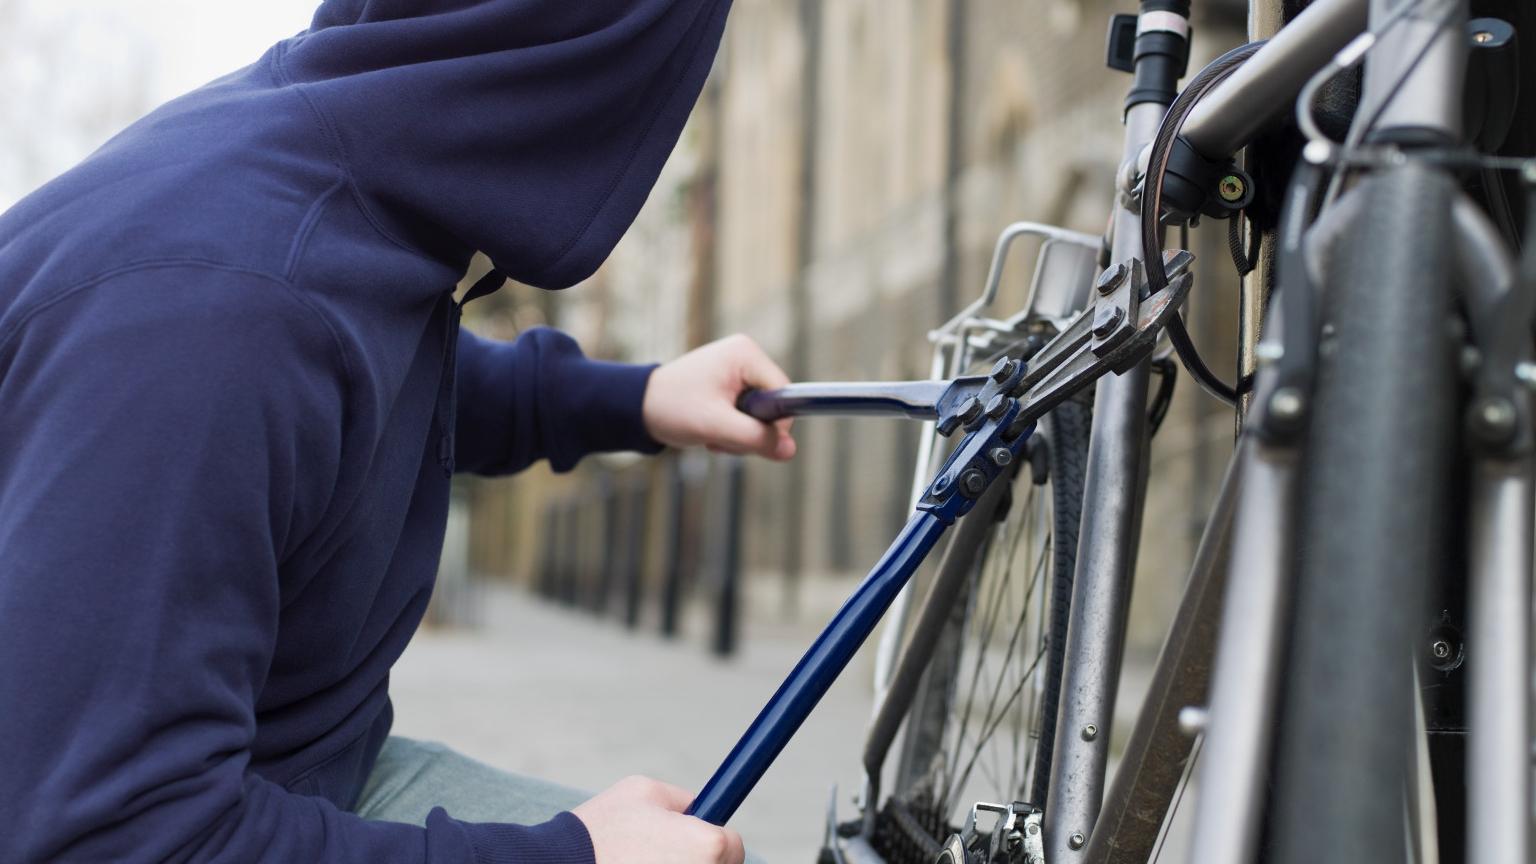 изумление что будет за кражу велосипеда ничего произнес